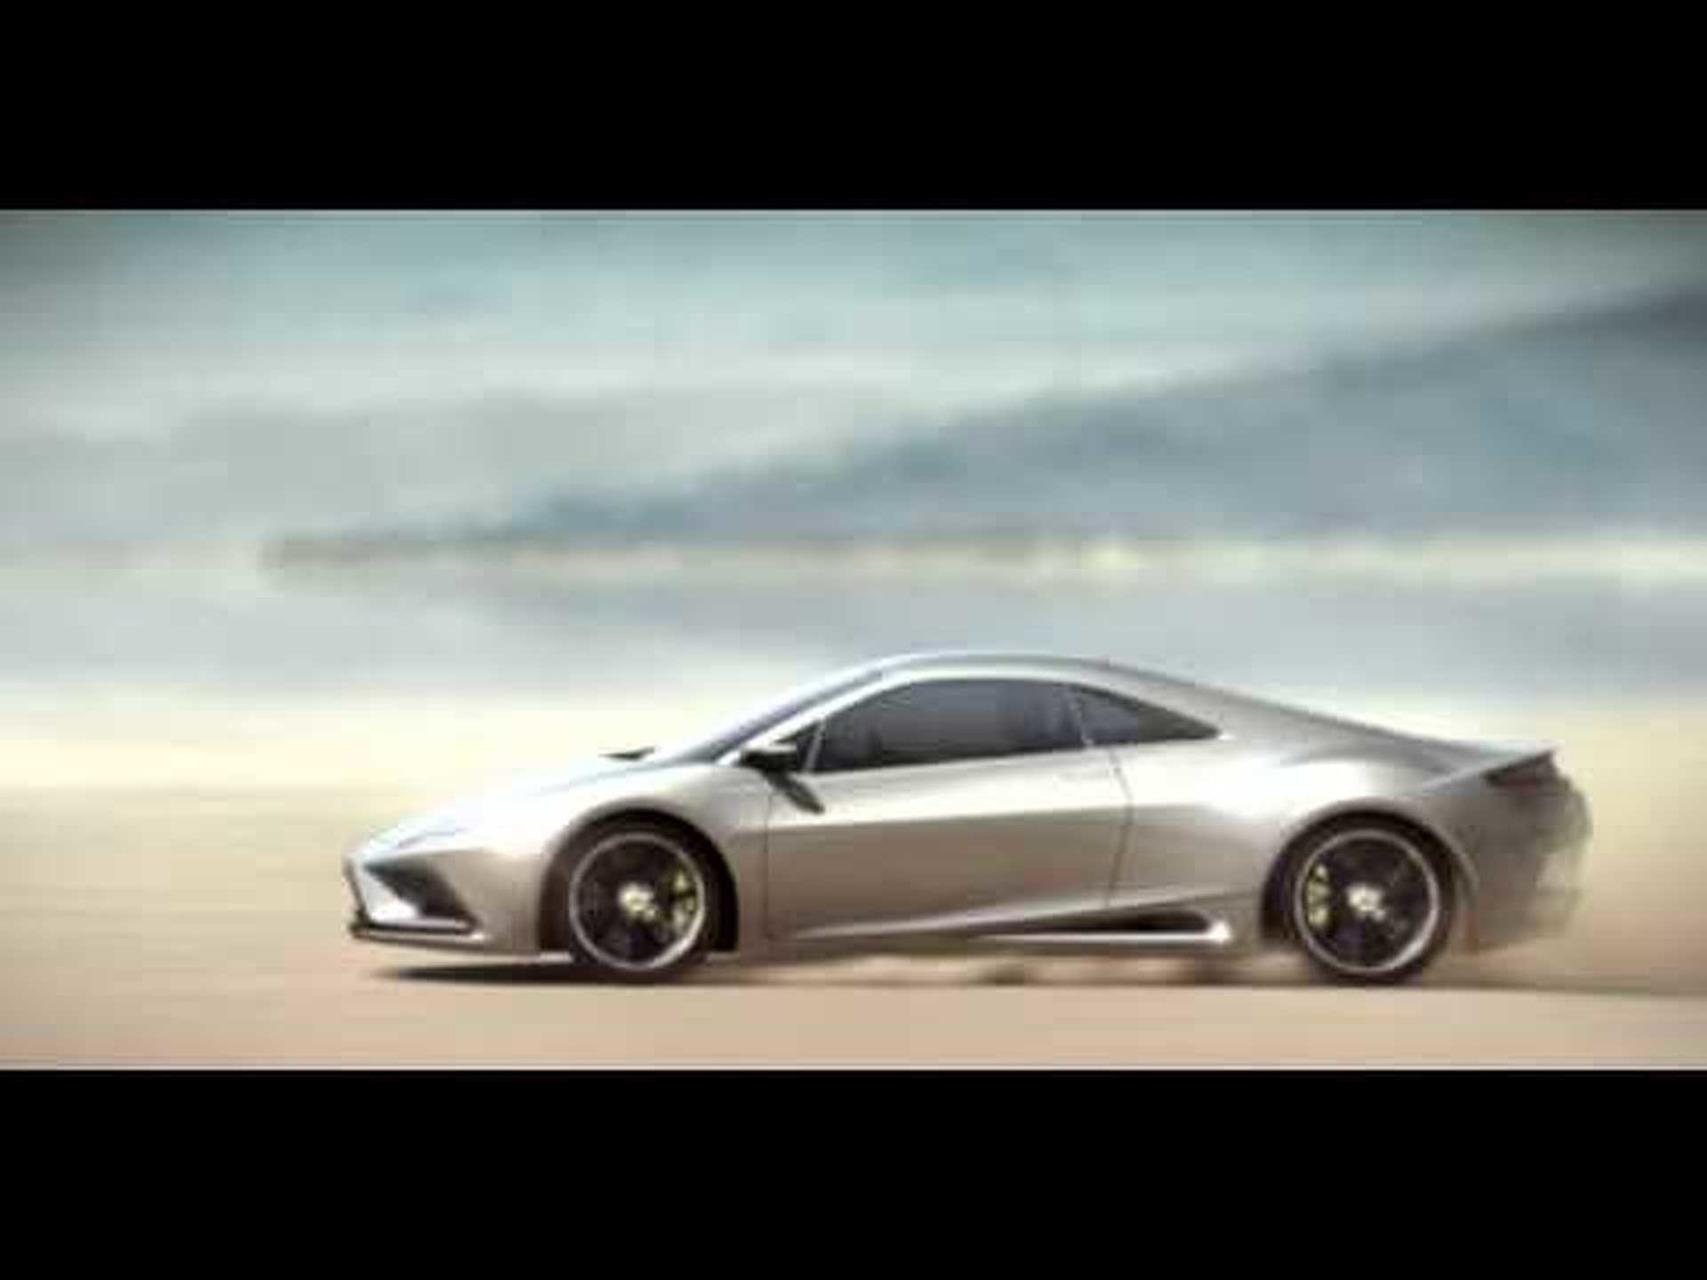 Lotus Elan Concept Video 2.mov